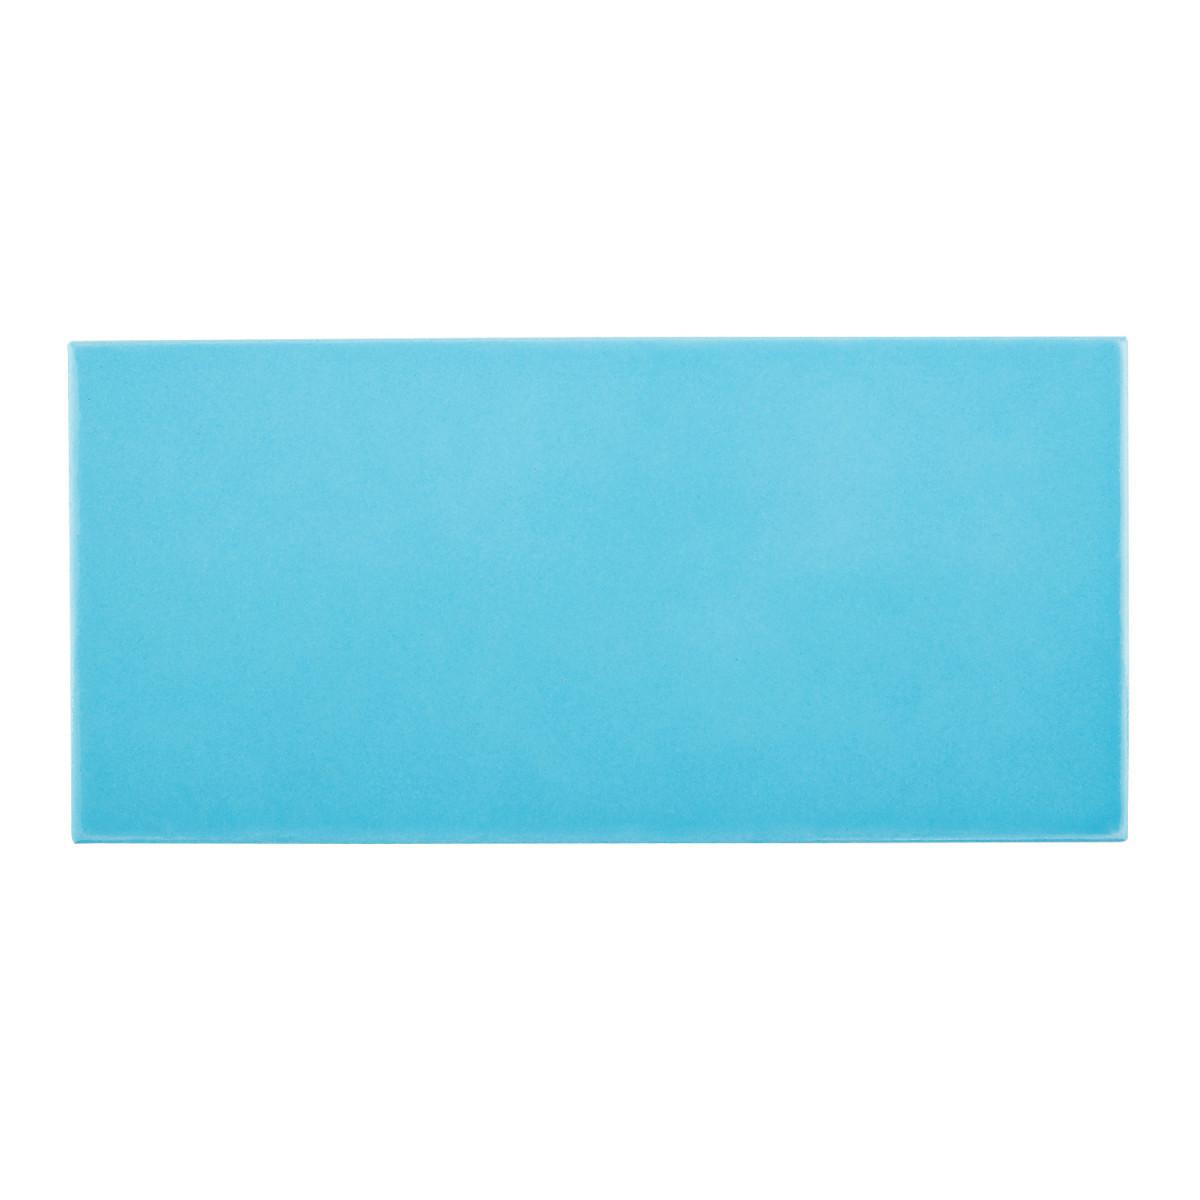 Плитка керамическая глянцевая Aquaviva AV1335 для бассейна